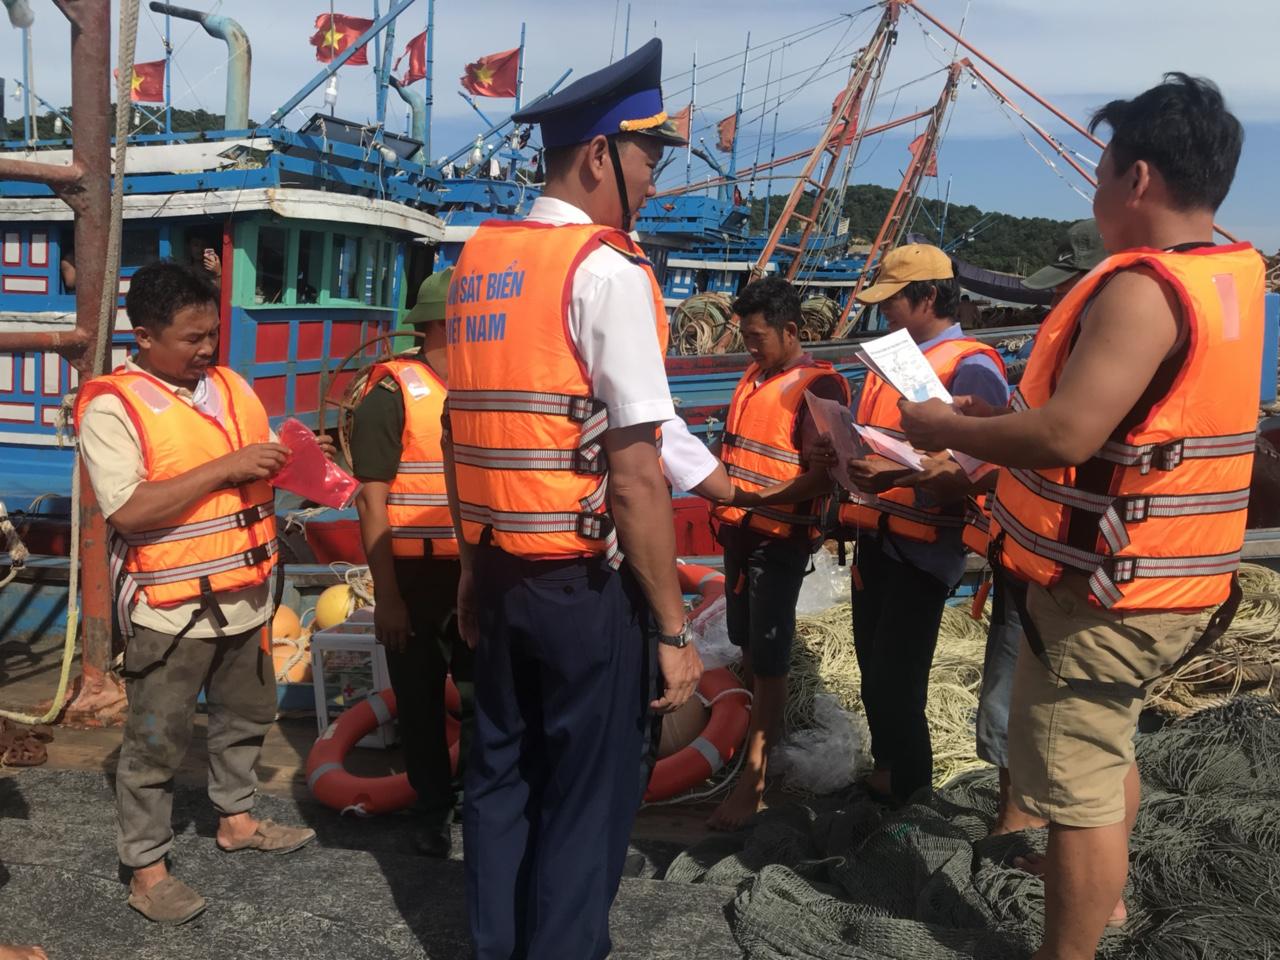 Hướng dẫn neo đậu tàu thuyền trong mưa bão (17/8/2018)